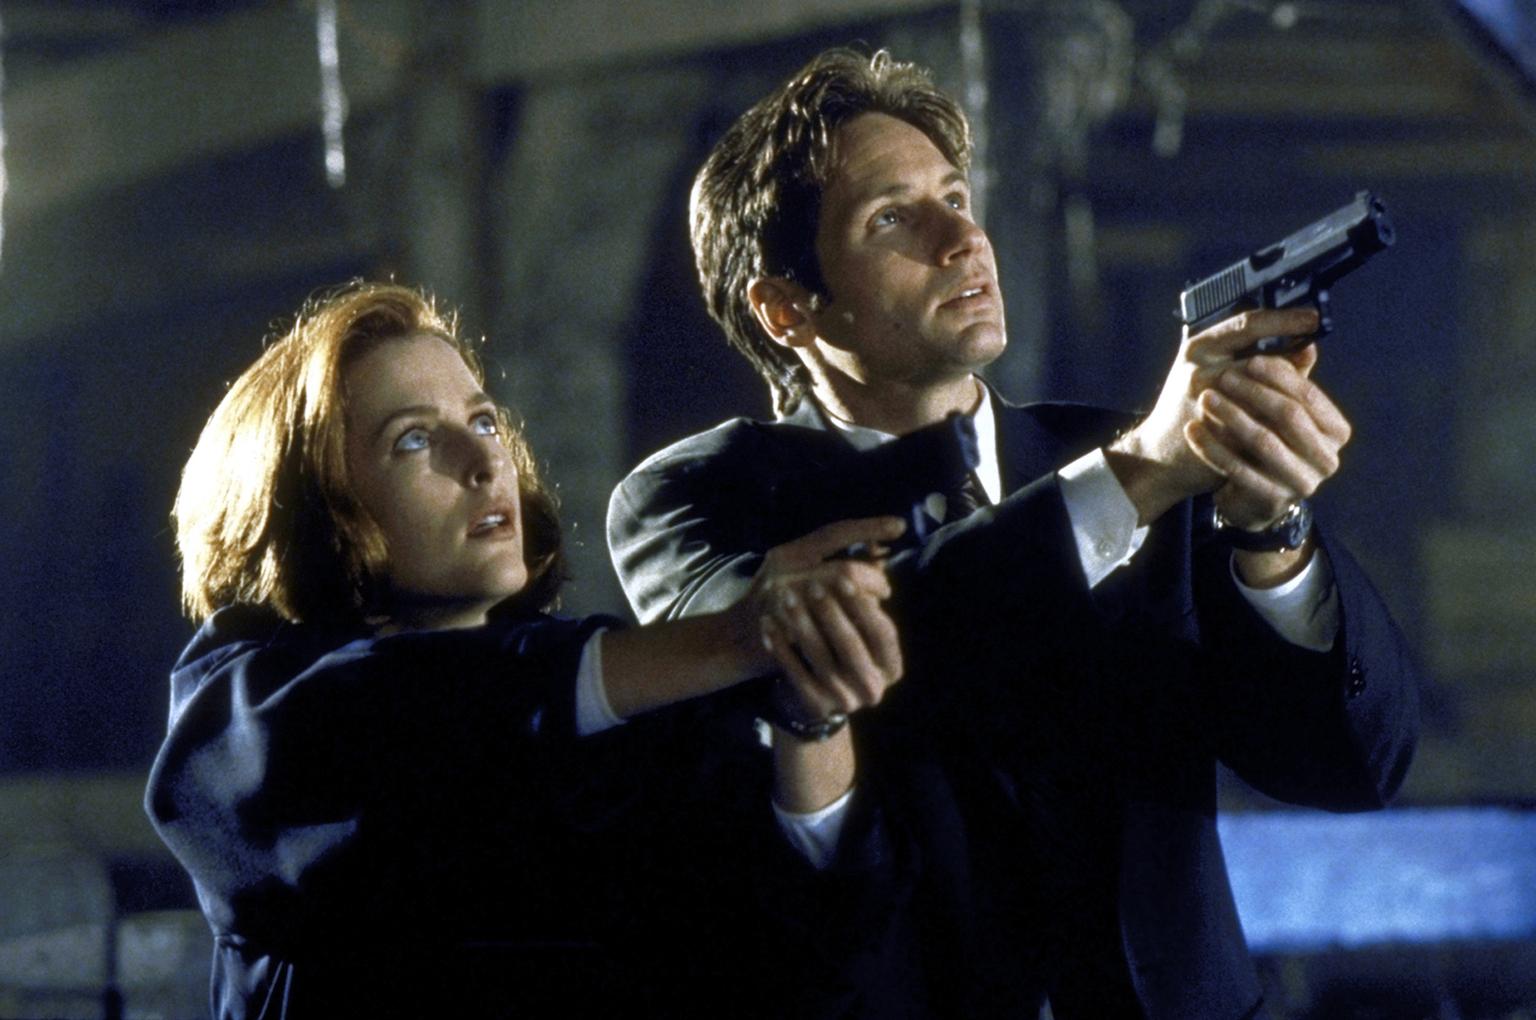 Mulder (David Duchovny, r.) und Scully (Gillian Anderson, l.) begegnen auf ihrer Suche nach einem angeblichen Monster dem bedauernswerten Opfer eines gentechnischen Experimentes. (c) Twentieth Century Fox Film Corporation.